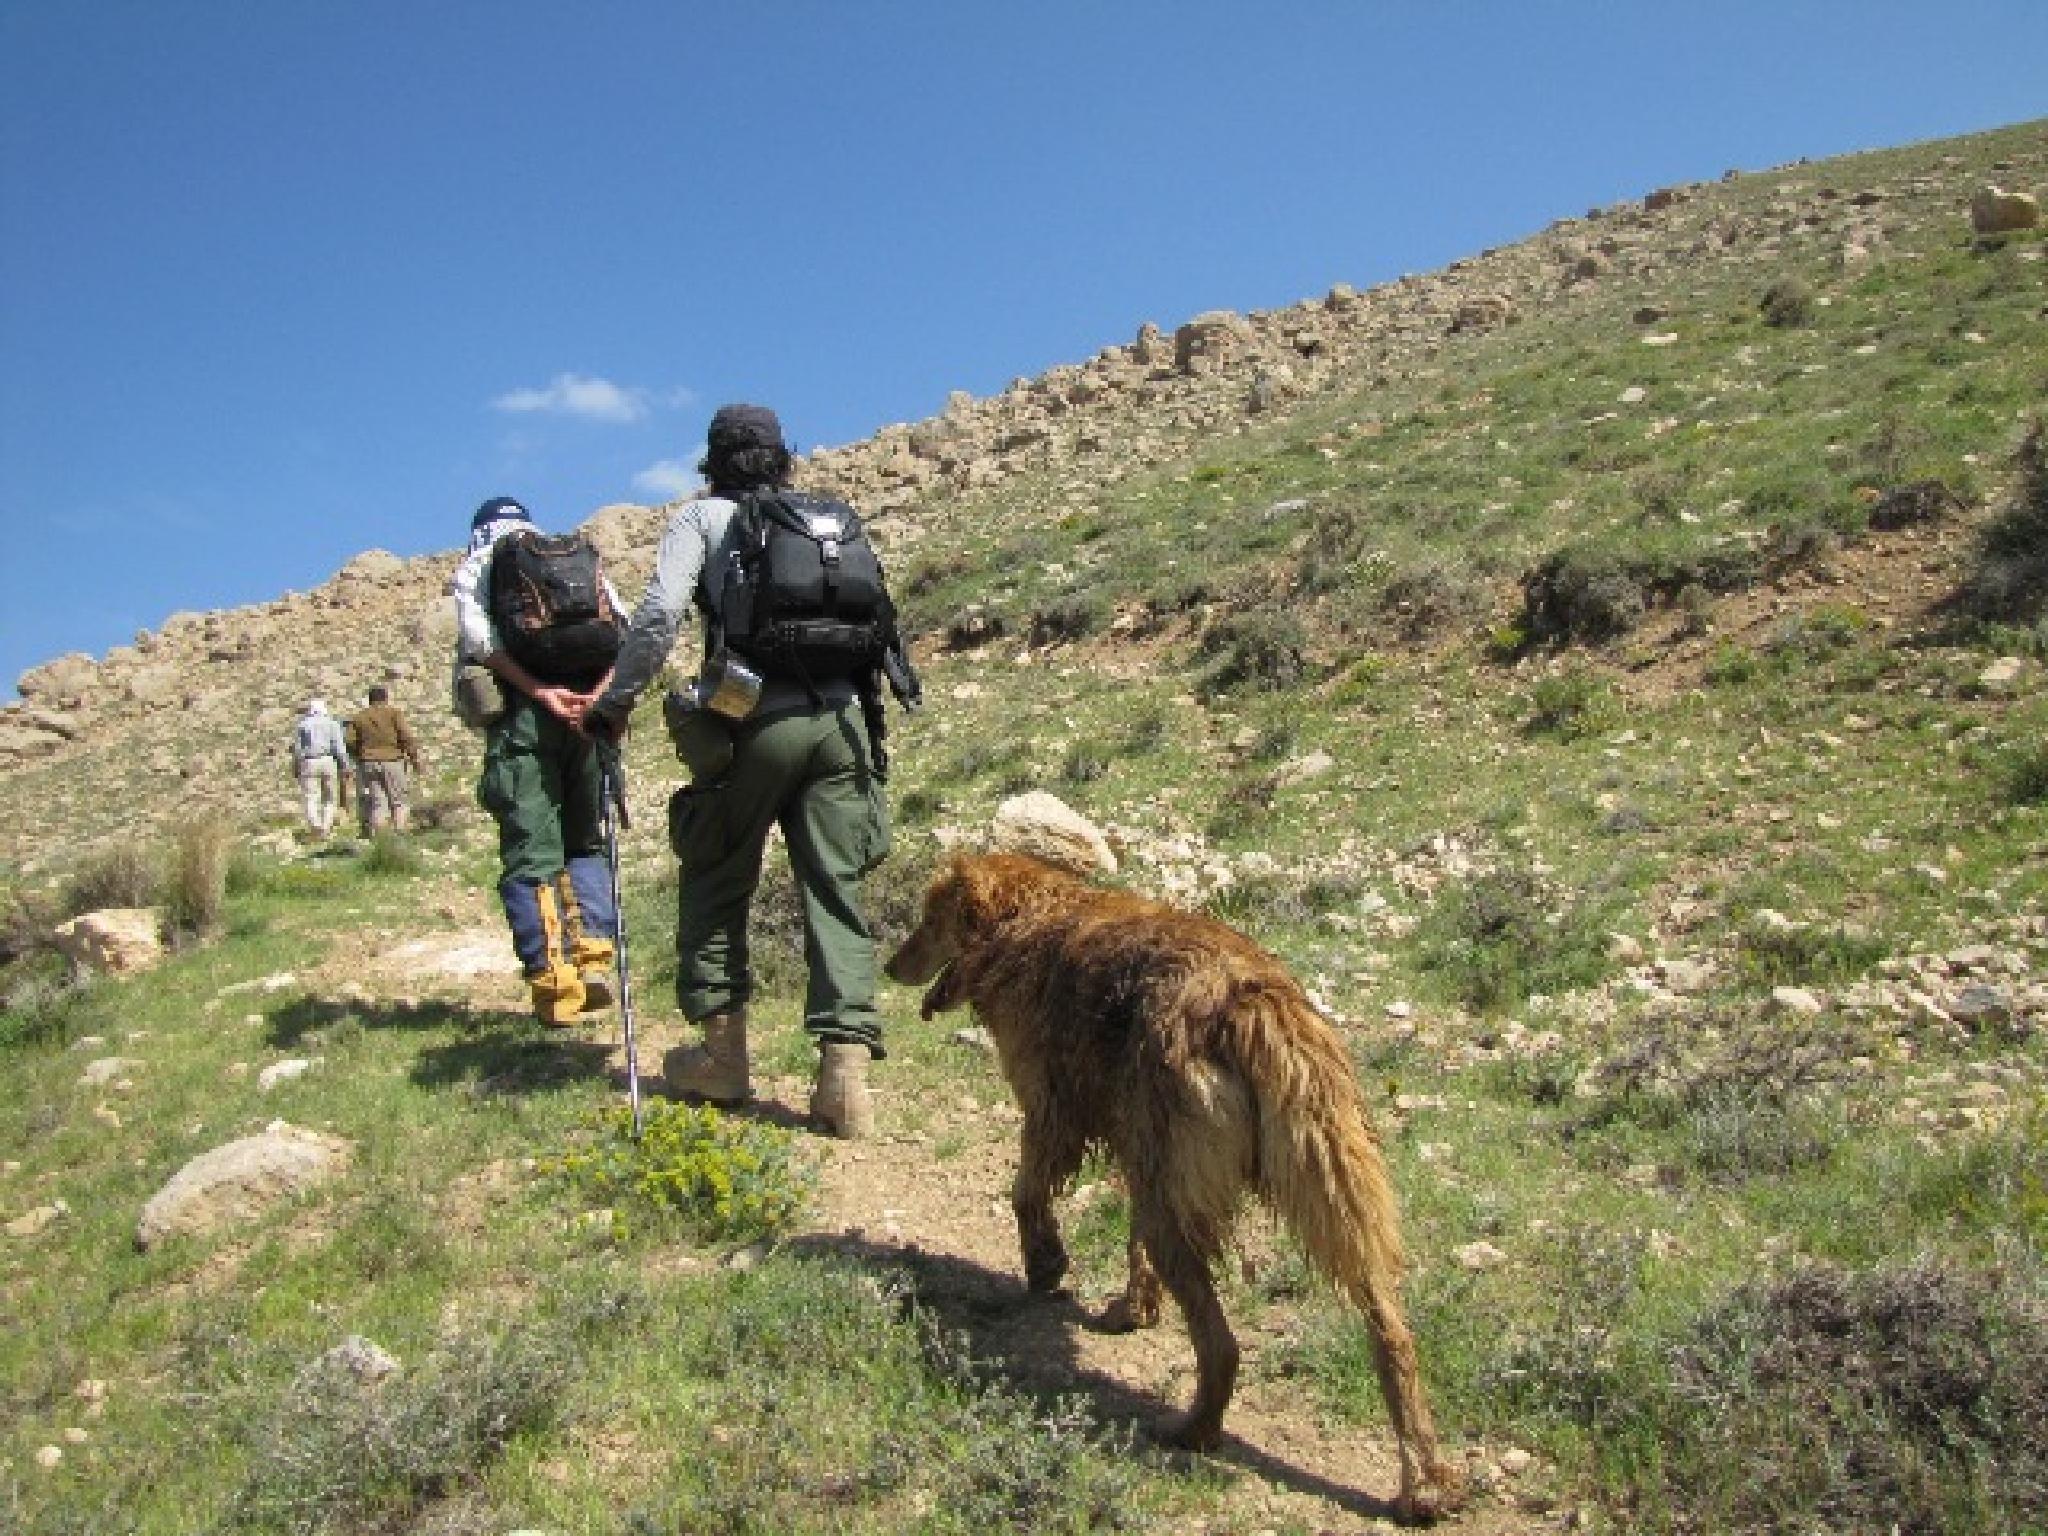 کوهنوردی در ارتفاعات کرکس نطنز اصفهان ایران by rafie